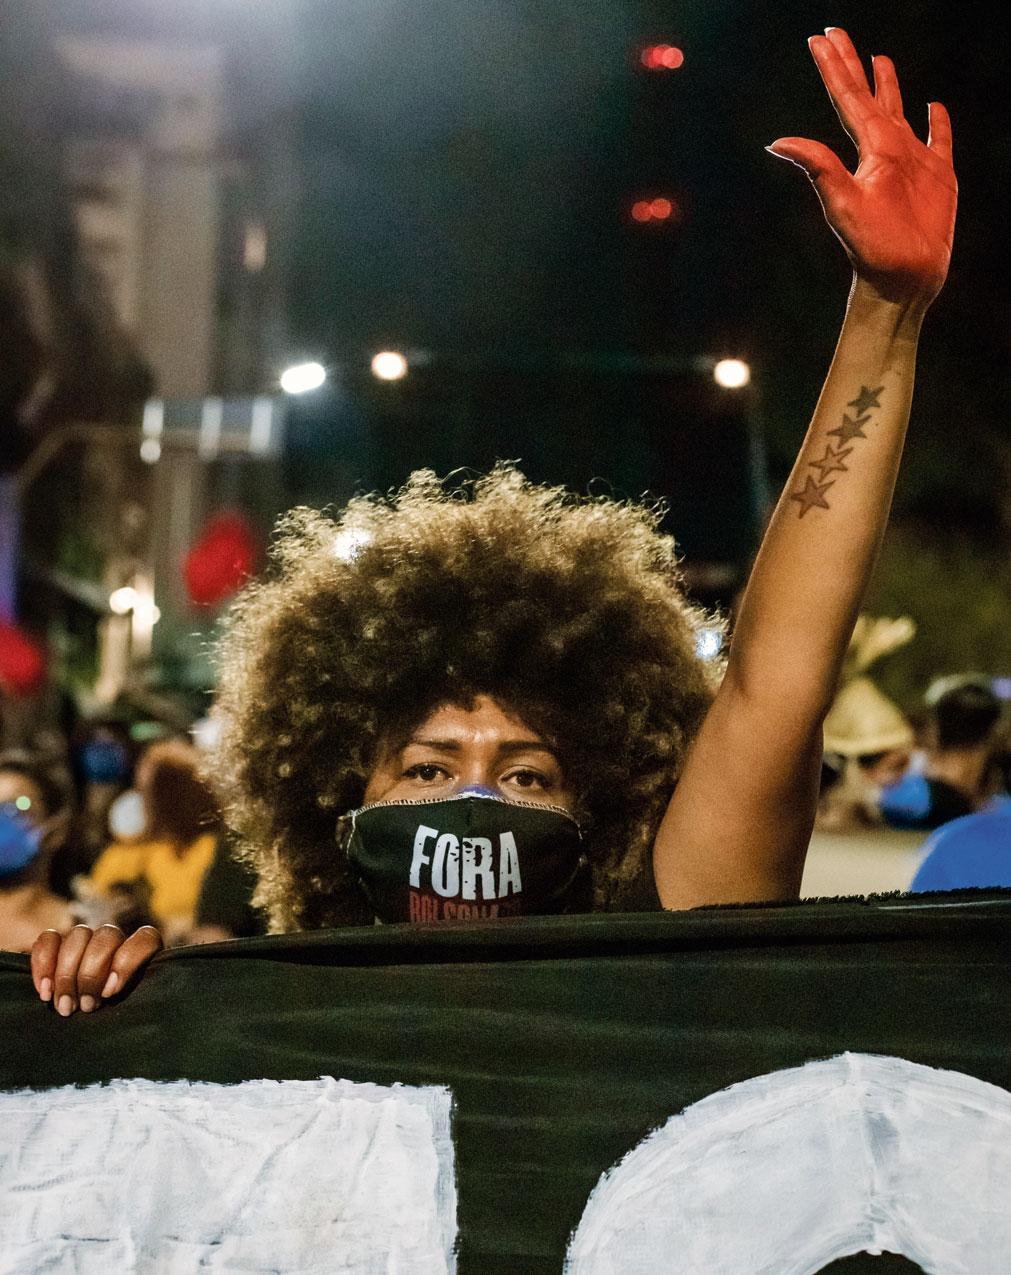 Une manifestante lève une main peinte en rouge pour protester contre le gouvernement Bolsonaro au Brésil